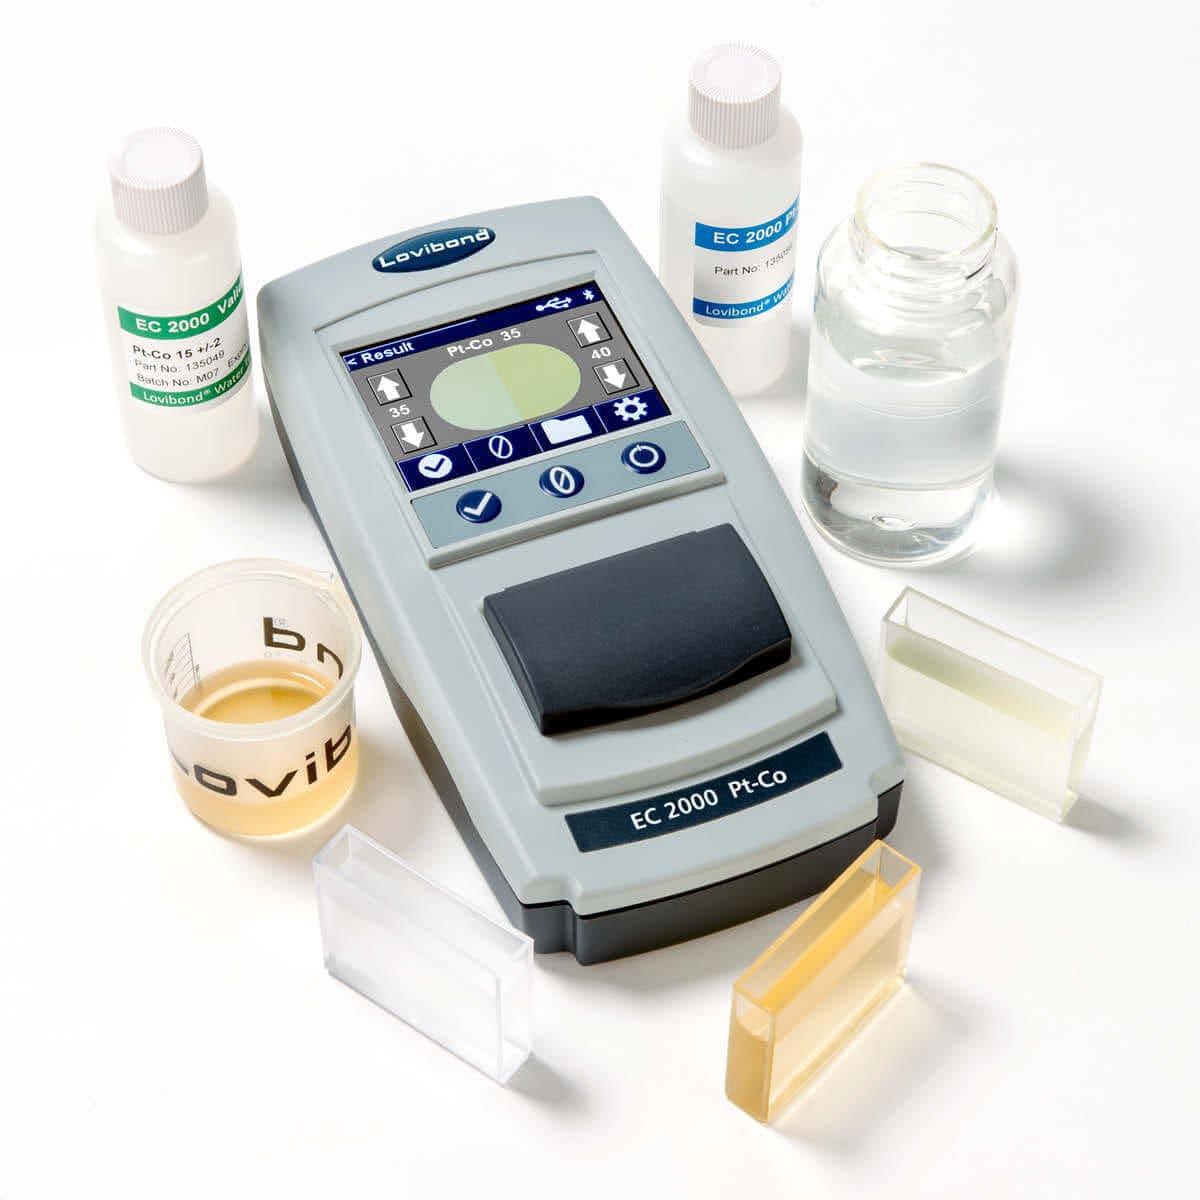 Colorimètre De Paillasse - Ec 2000 Pt-Co - Tintometer - Lovibond à Photomètre Piscine